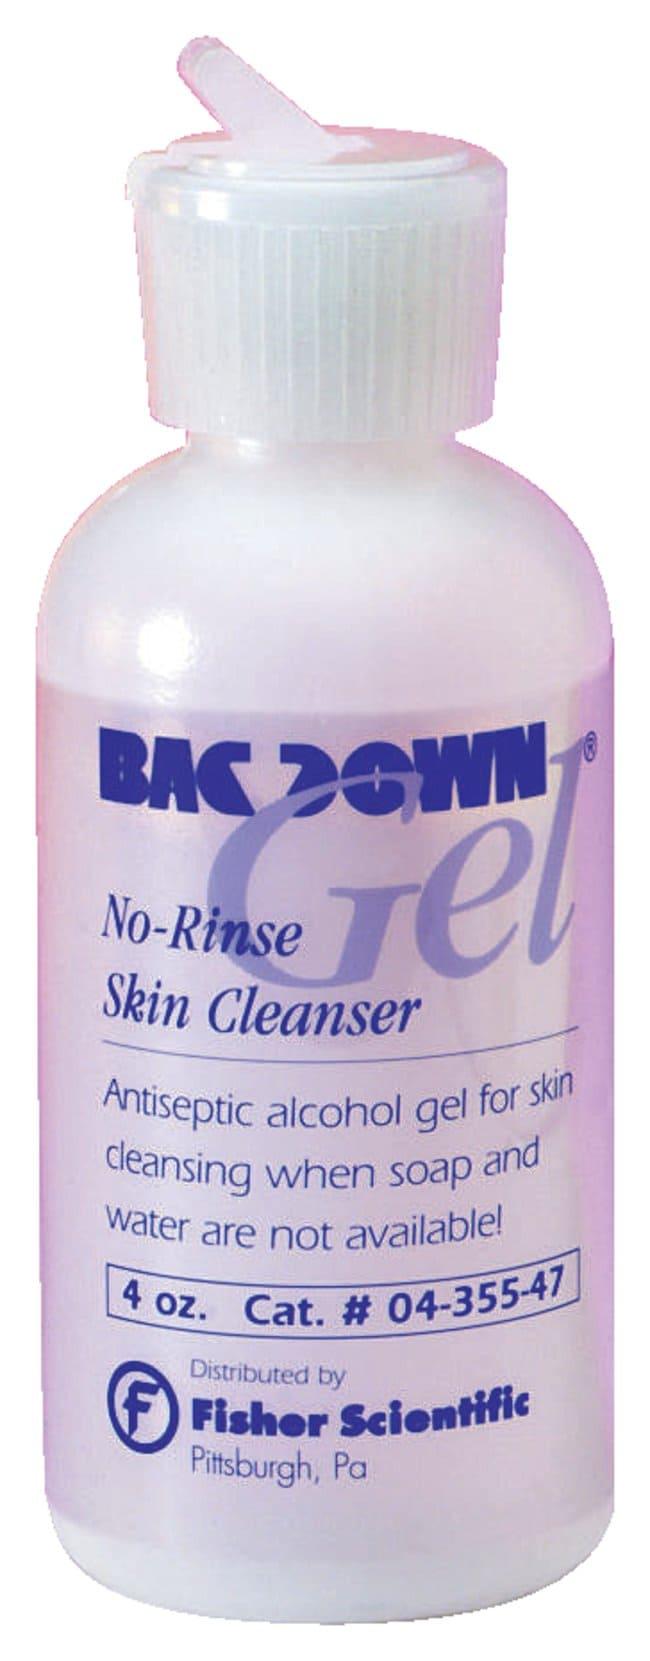 Bacdown Gel No-Rinse Skin Cleansers   Bacdown Gel; 4 oz.:Teaching Supplies